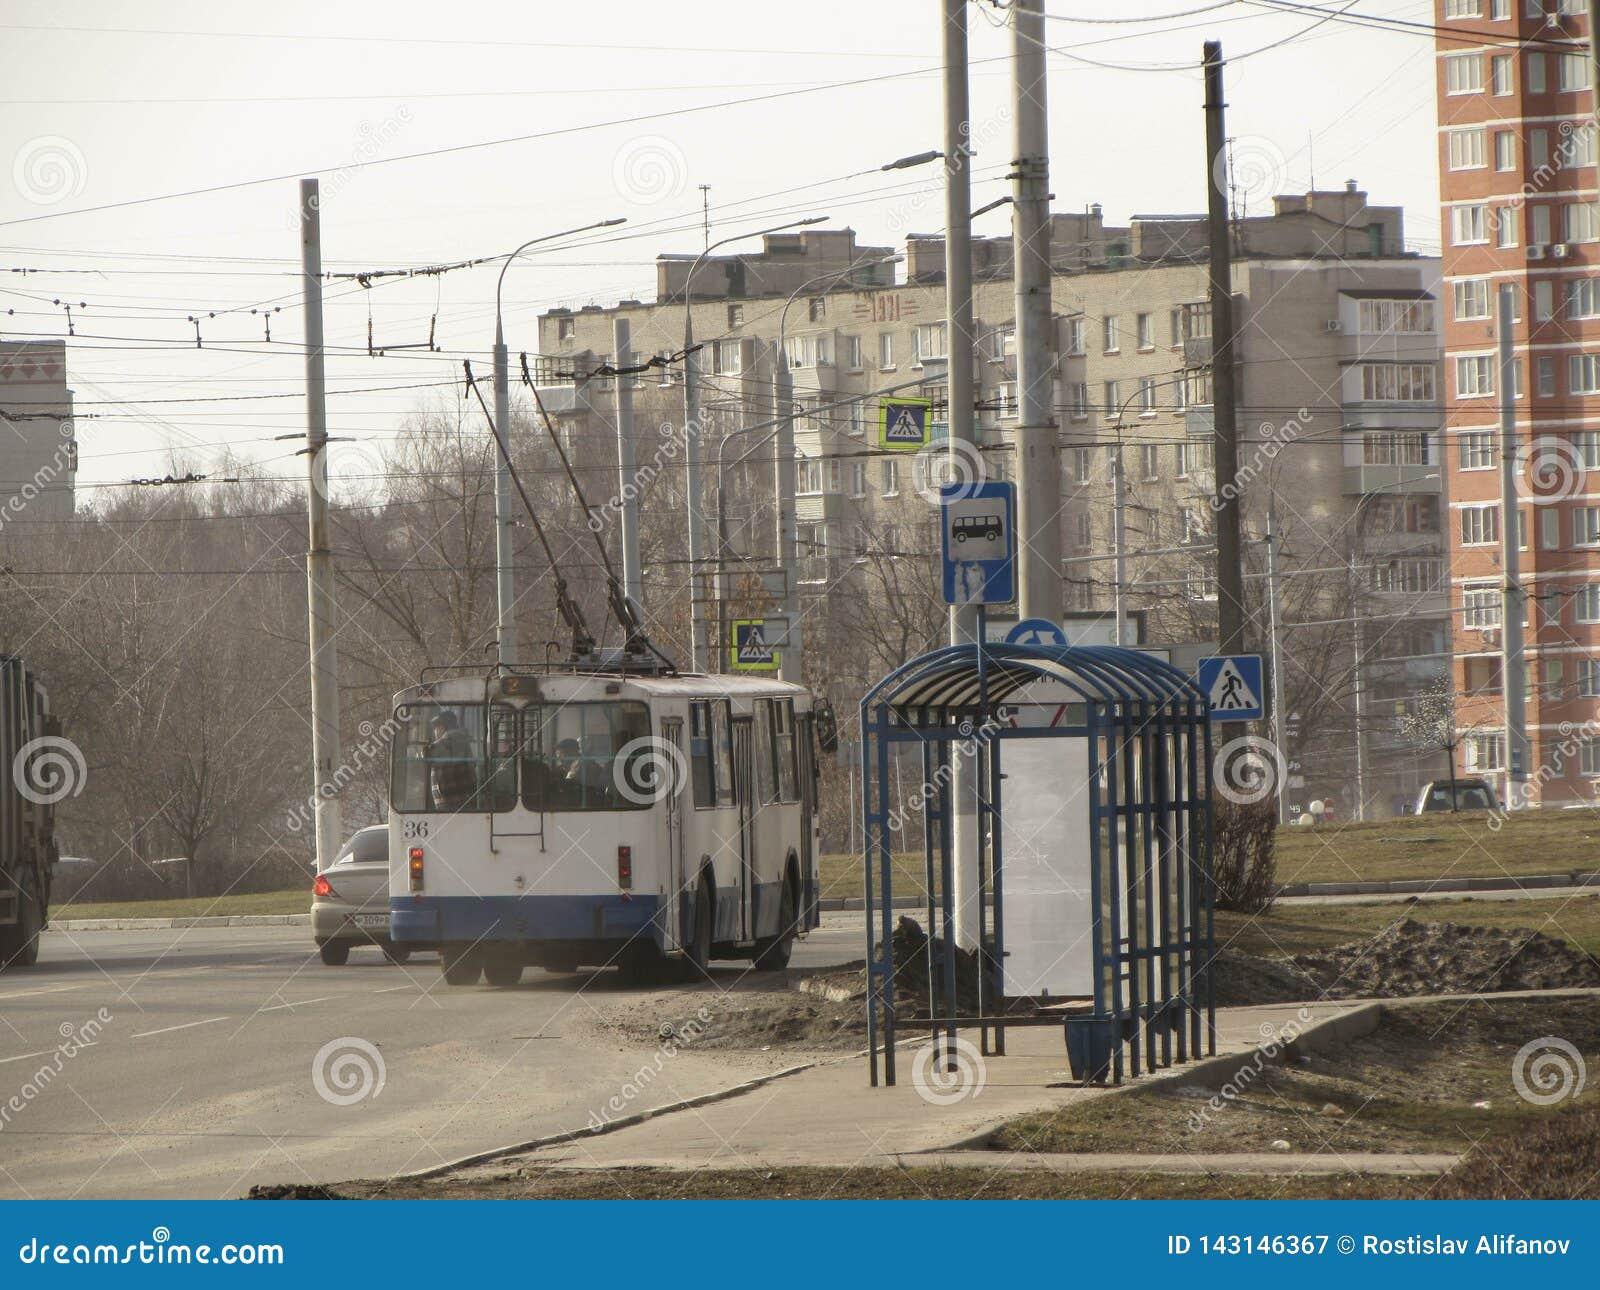 Podolsk Moscow region.